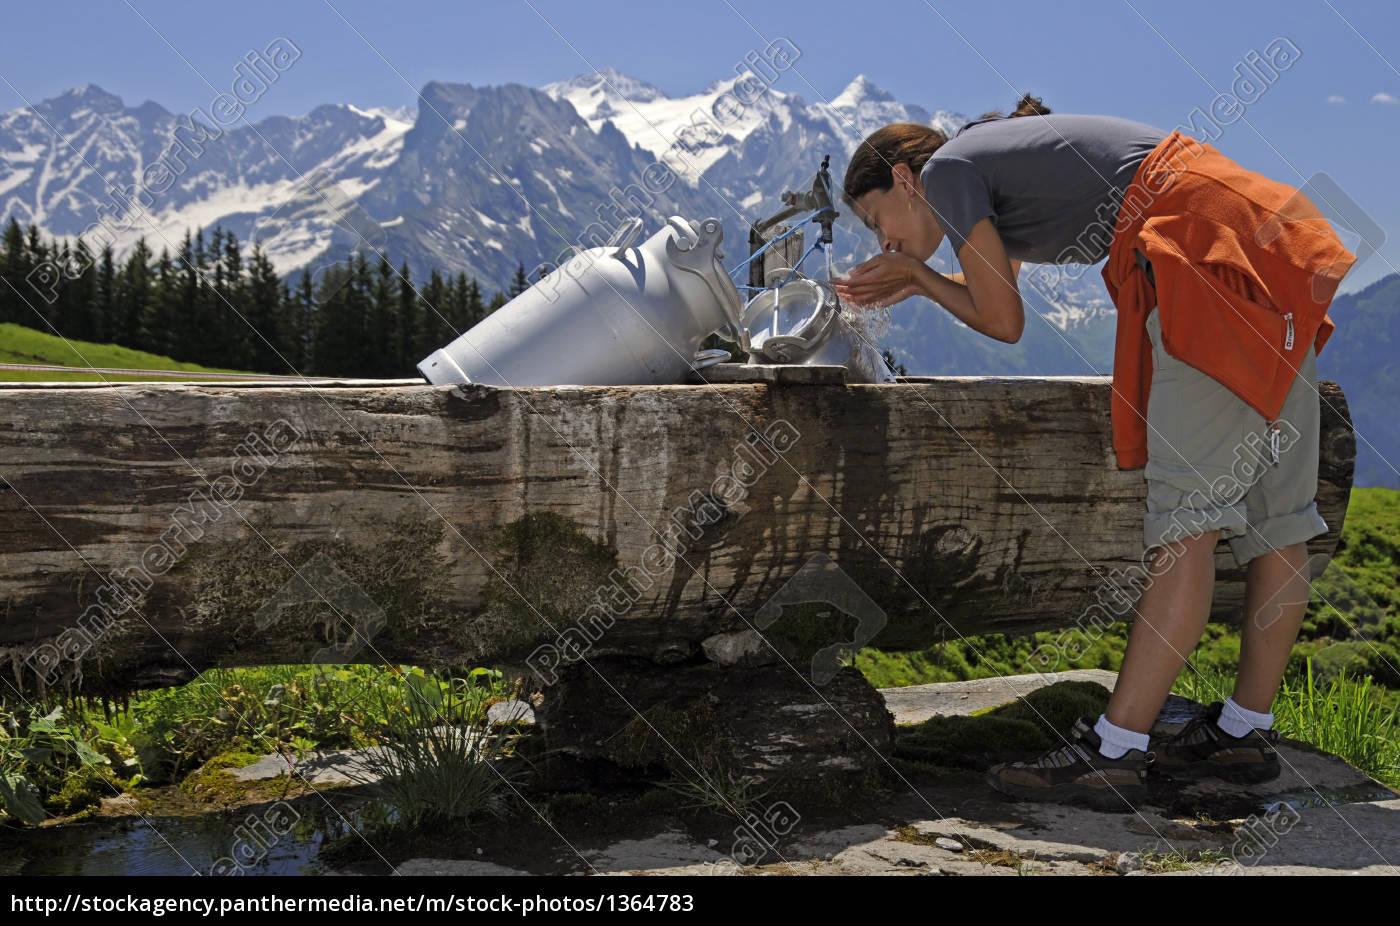 thirst - 1364783